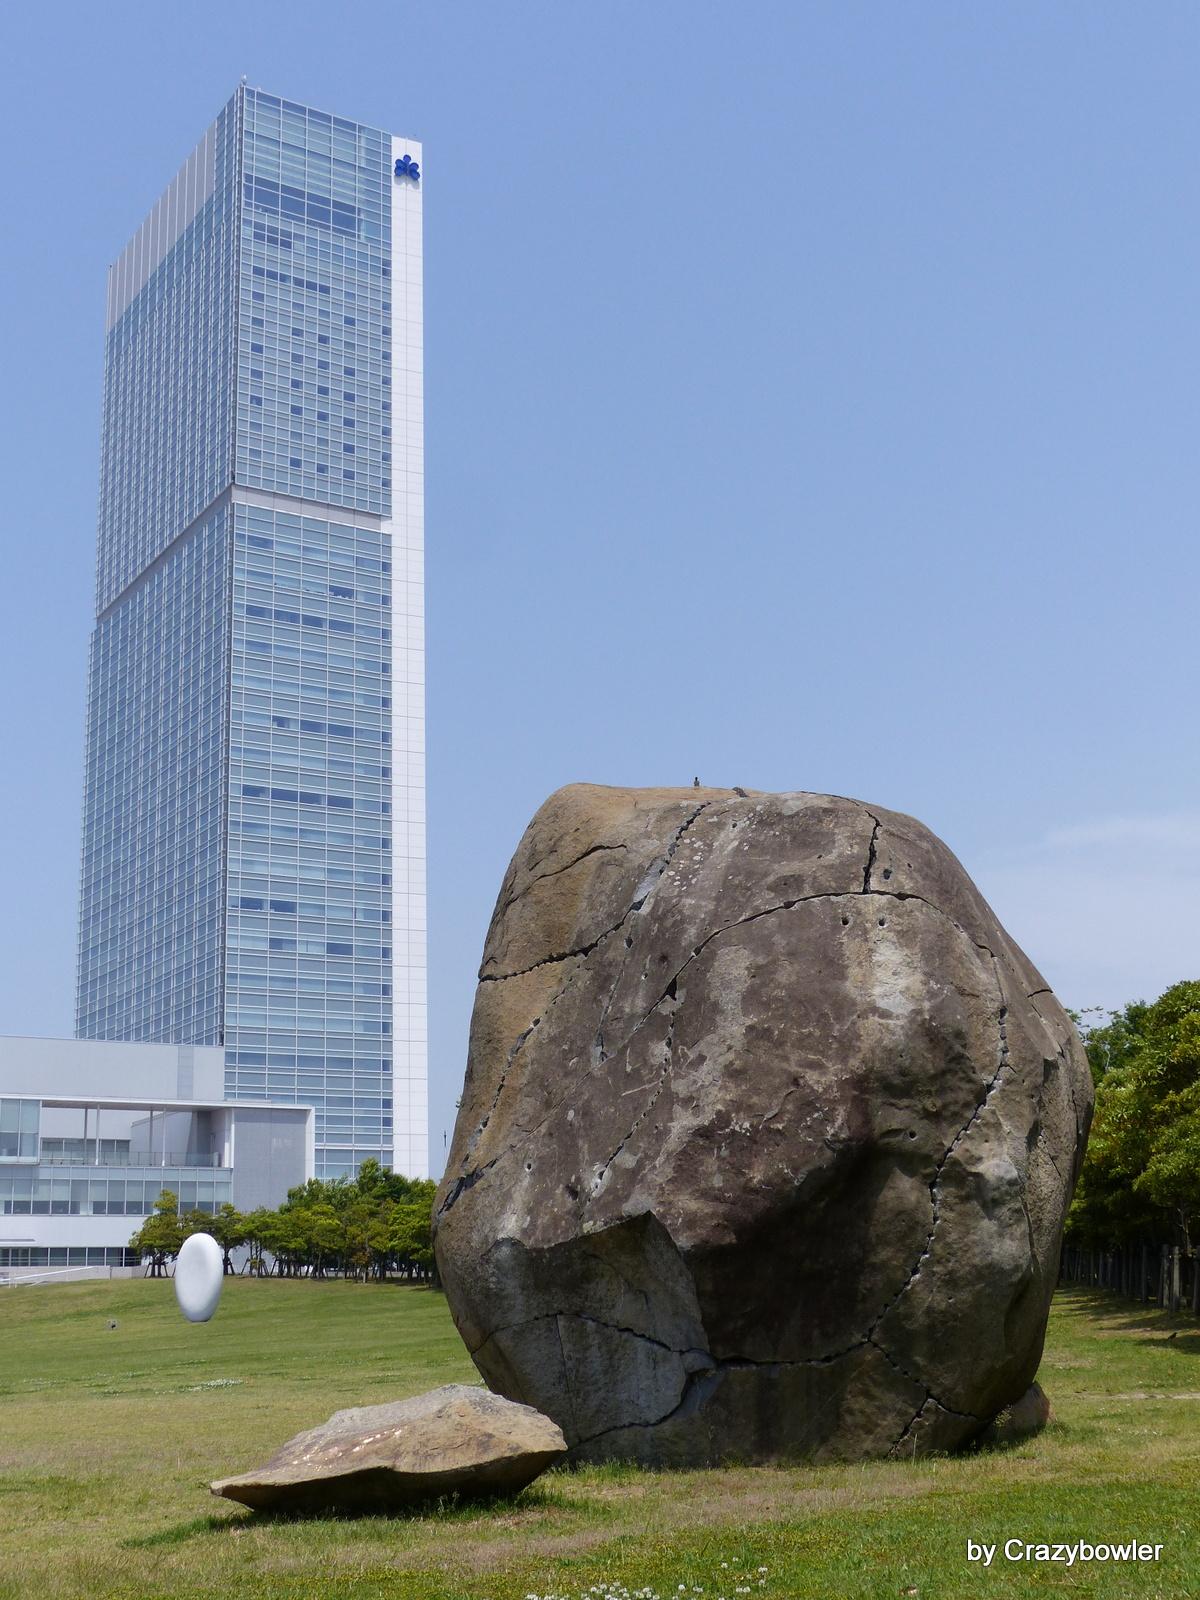 朱鷺メッセと信濃川沿いの巨石モニュメント